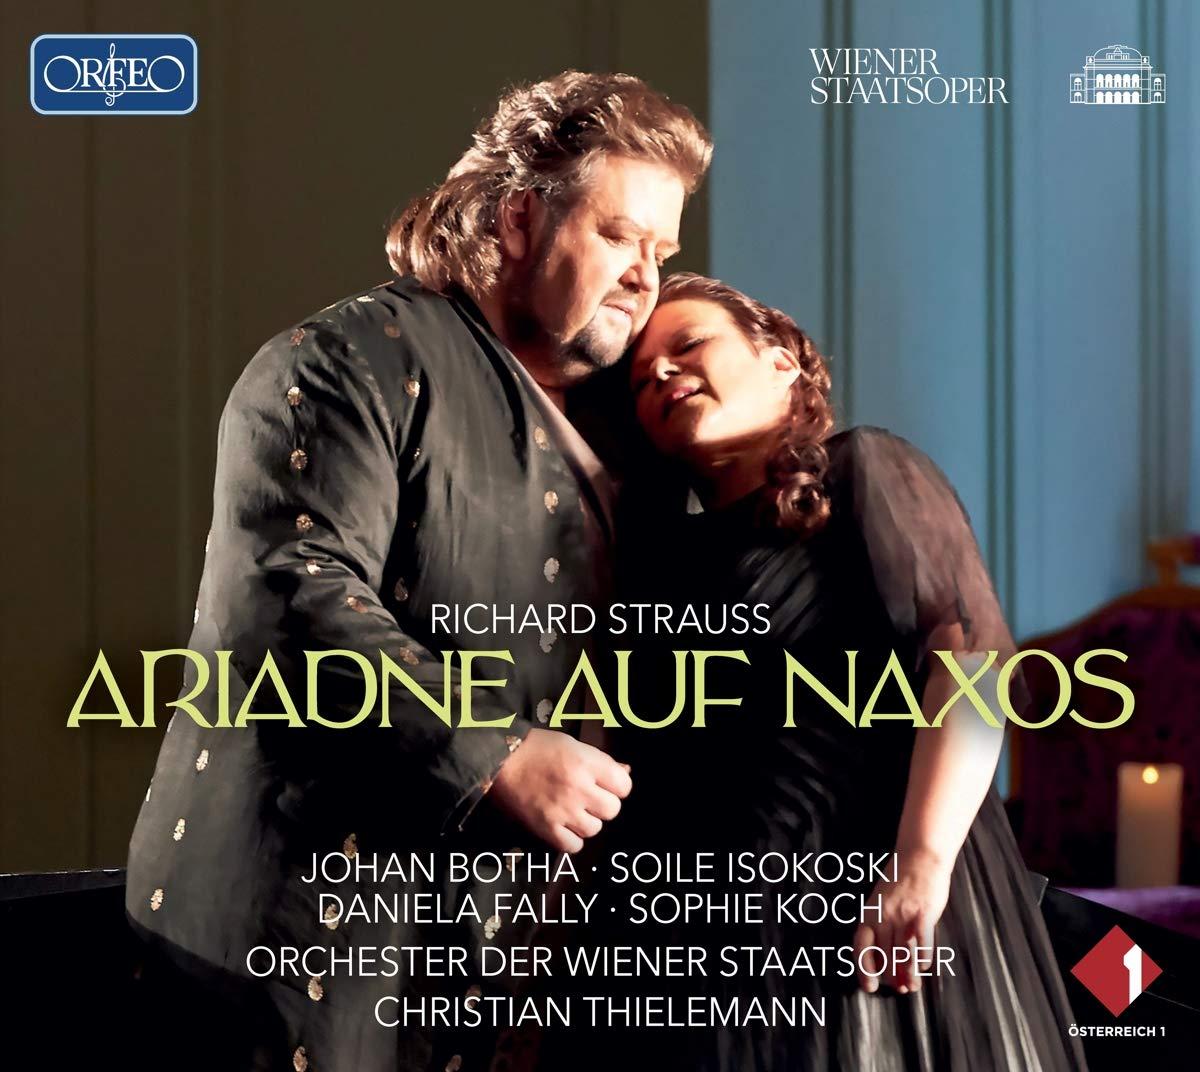 Richard Strauss, Ariadne auf Naxos, Orchester der Wiener Staatsoper, Christian Thielemann,  CD-Besprechung